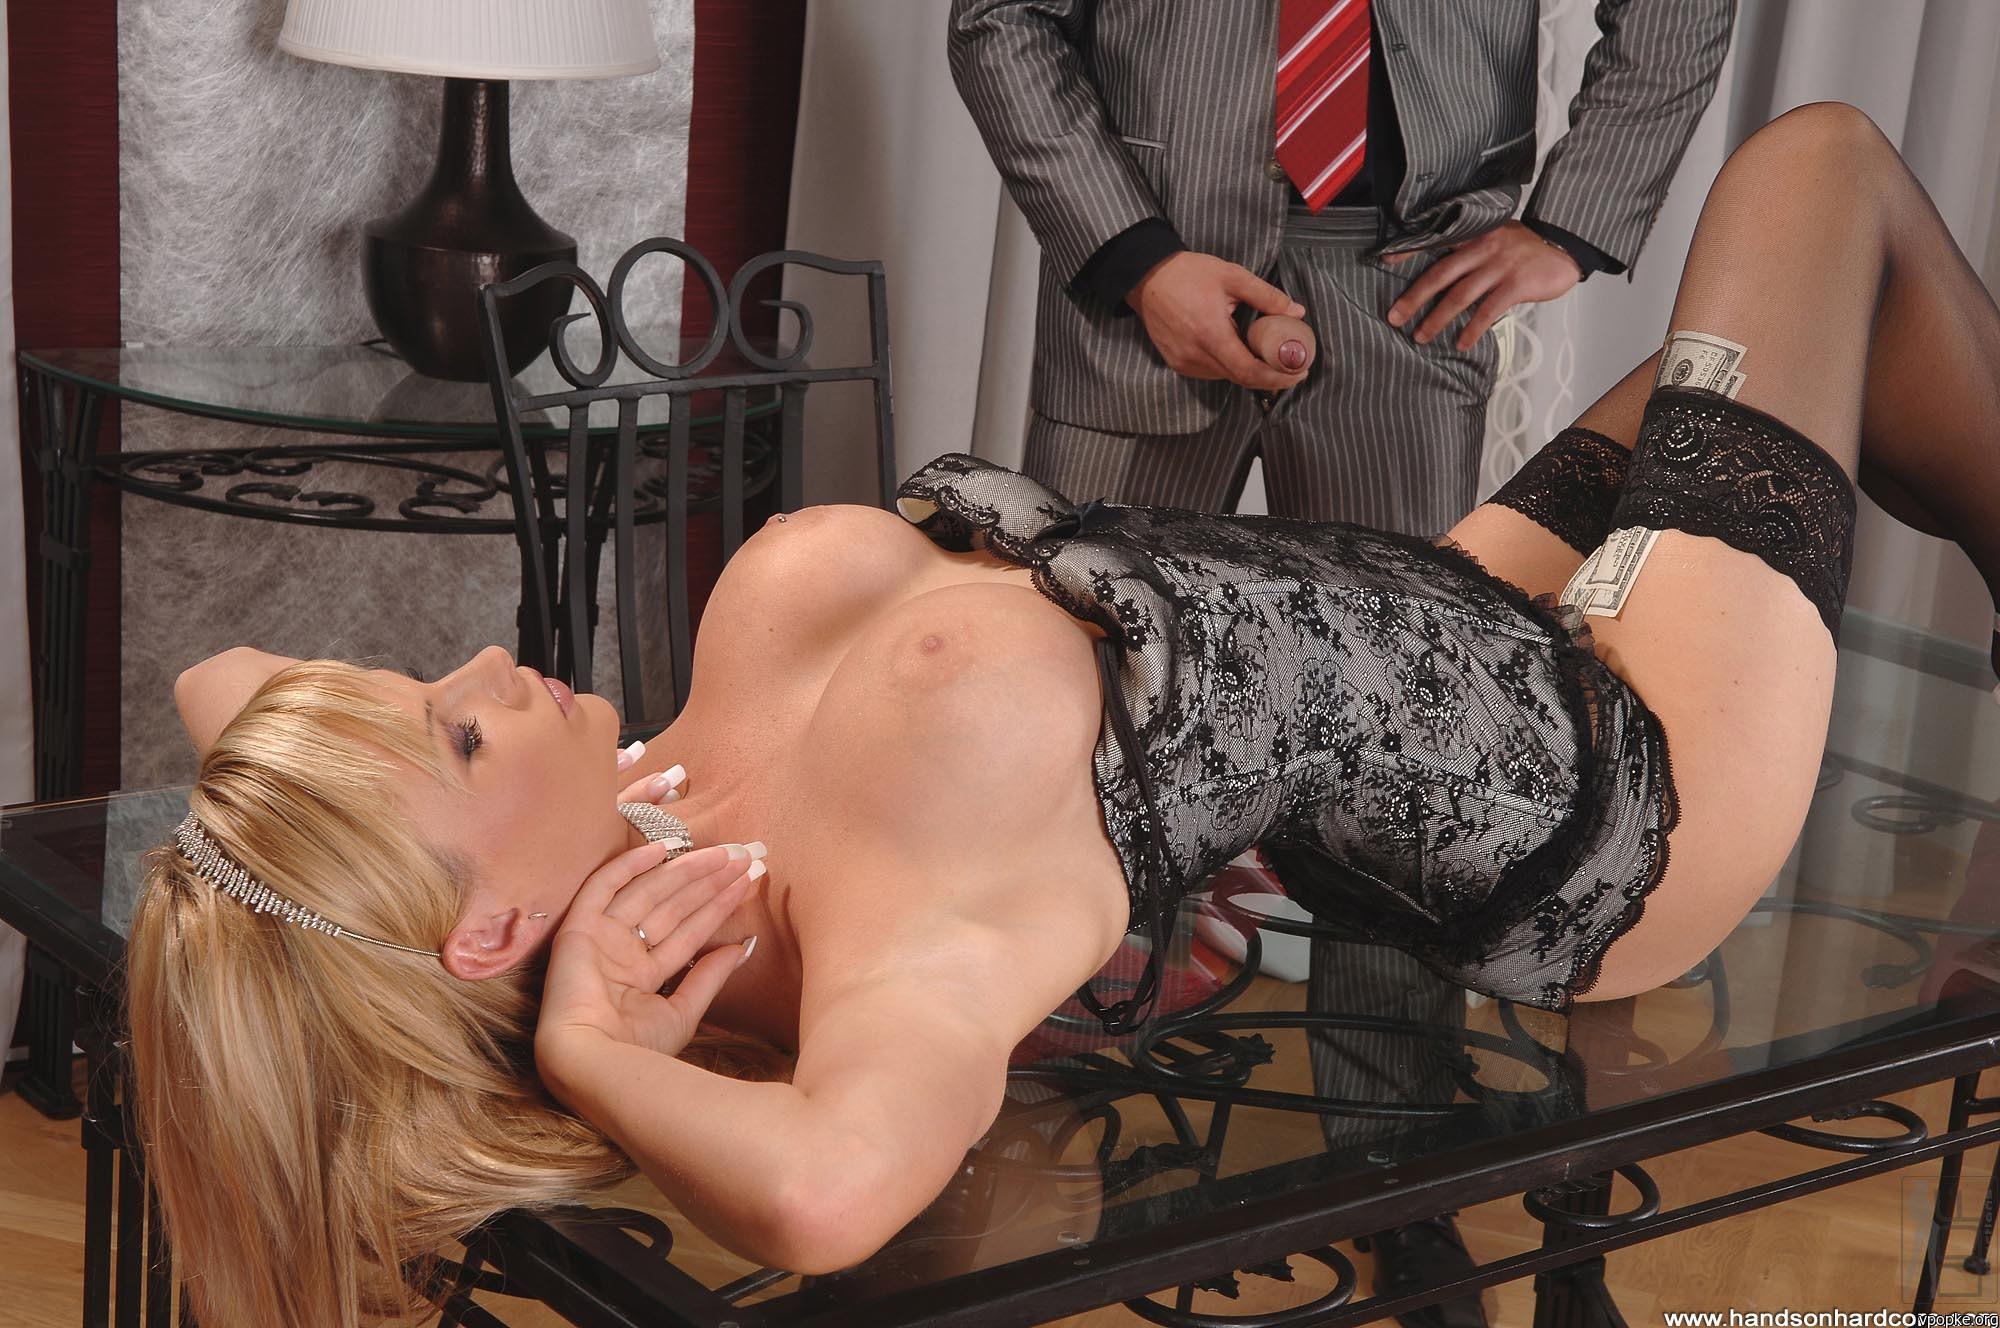 Секс amp Секс  все о сексе статьи онлайн фото видео